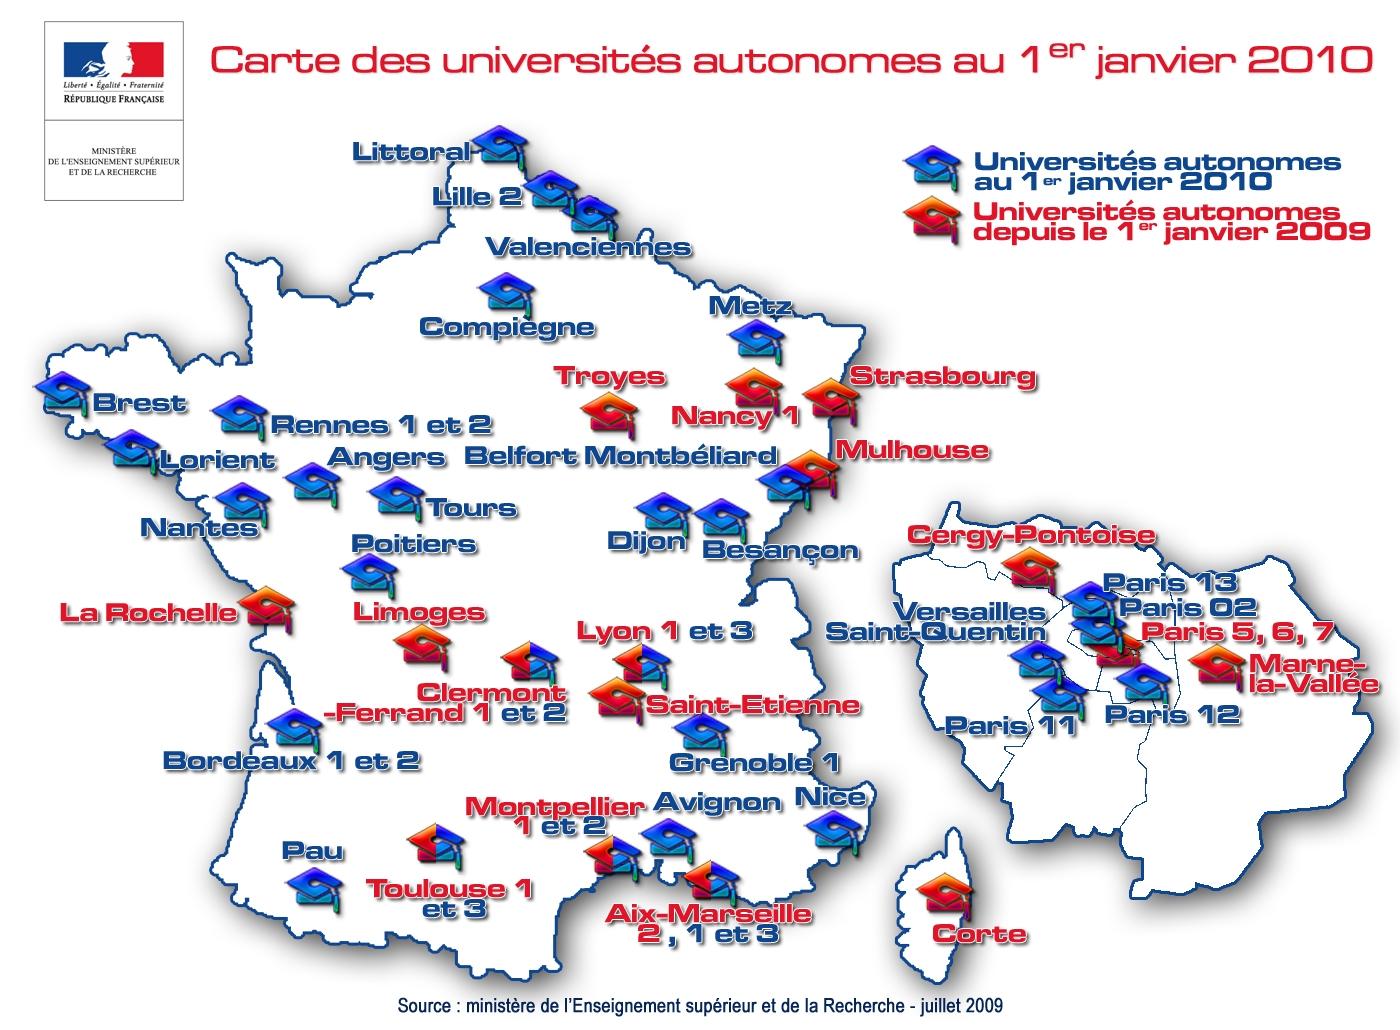 Universités autonomes janvier 2010